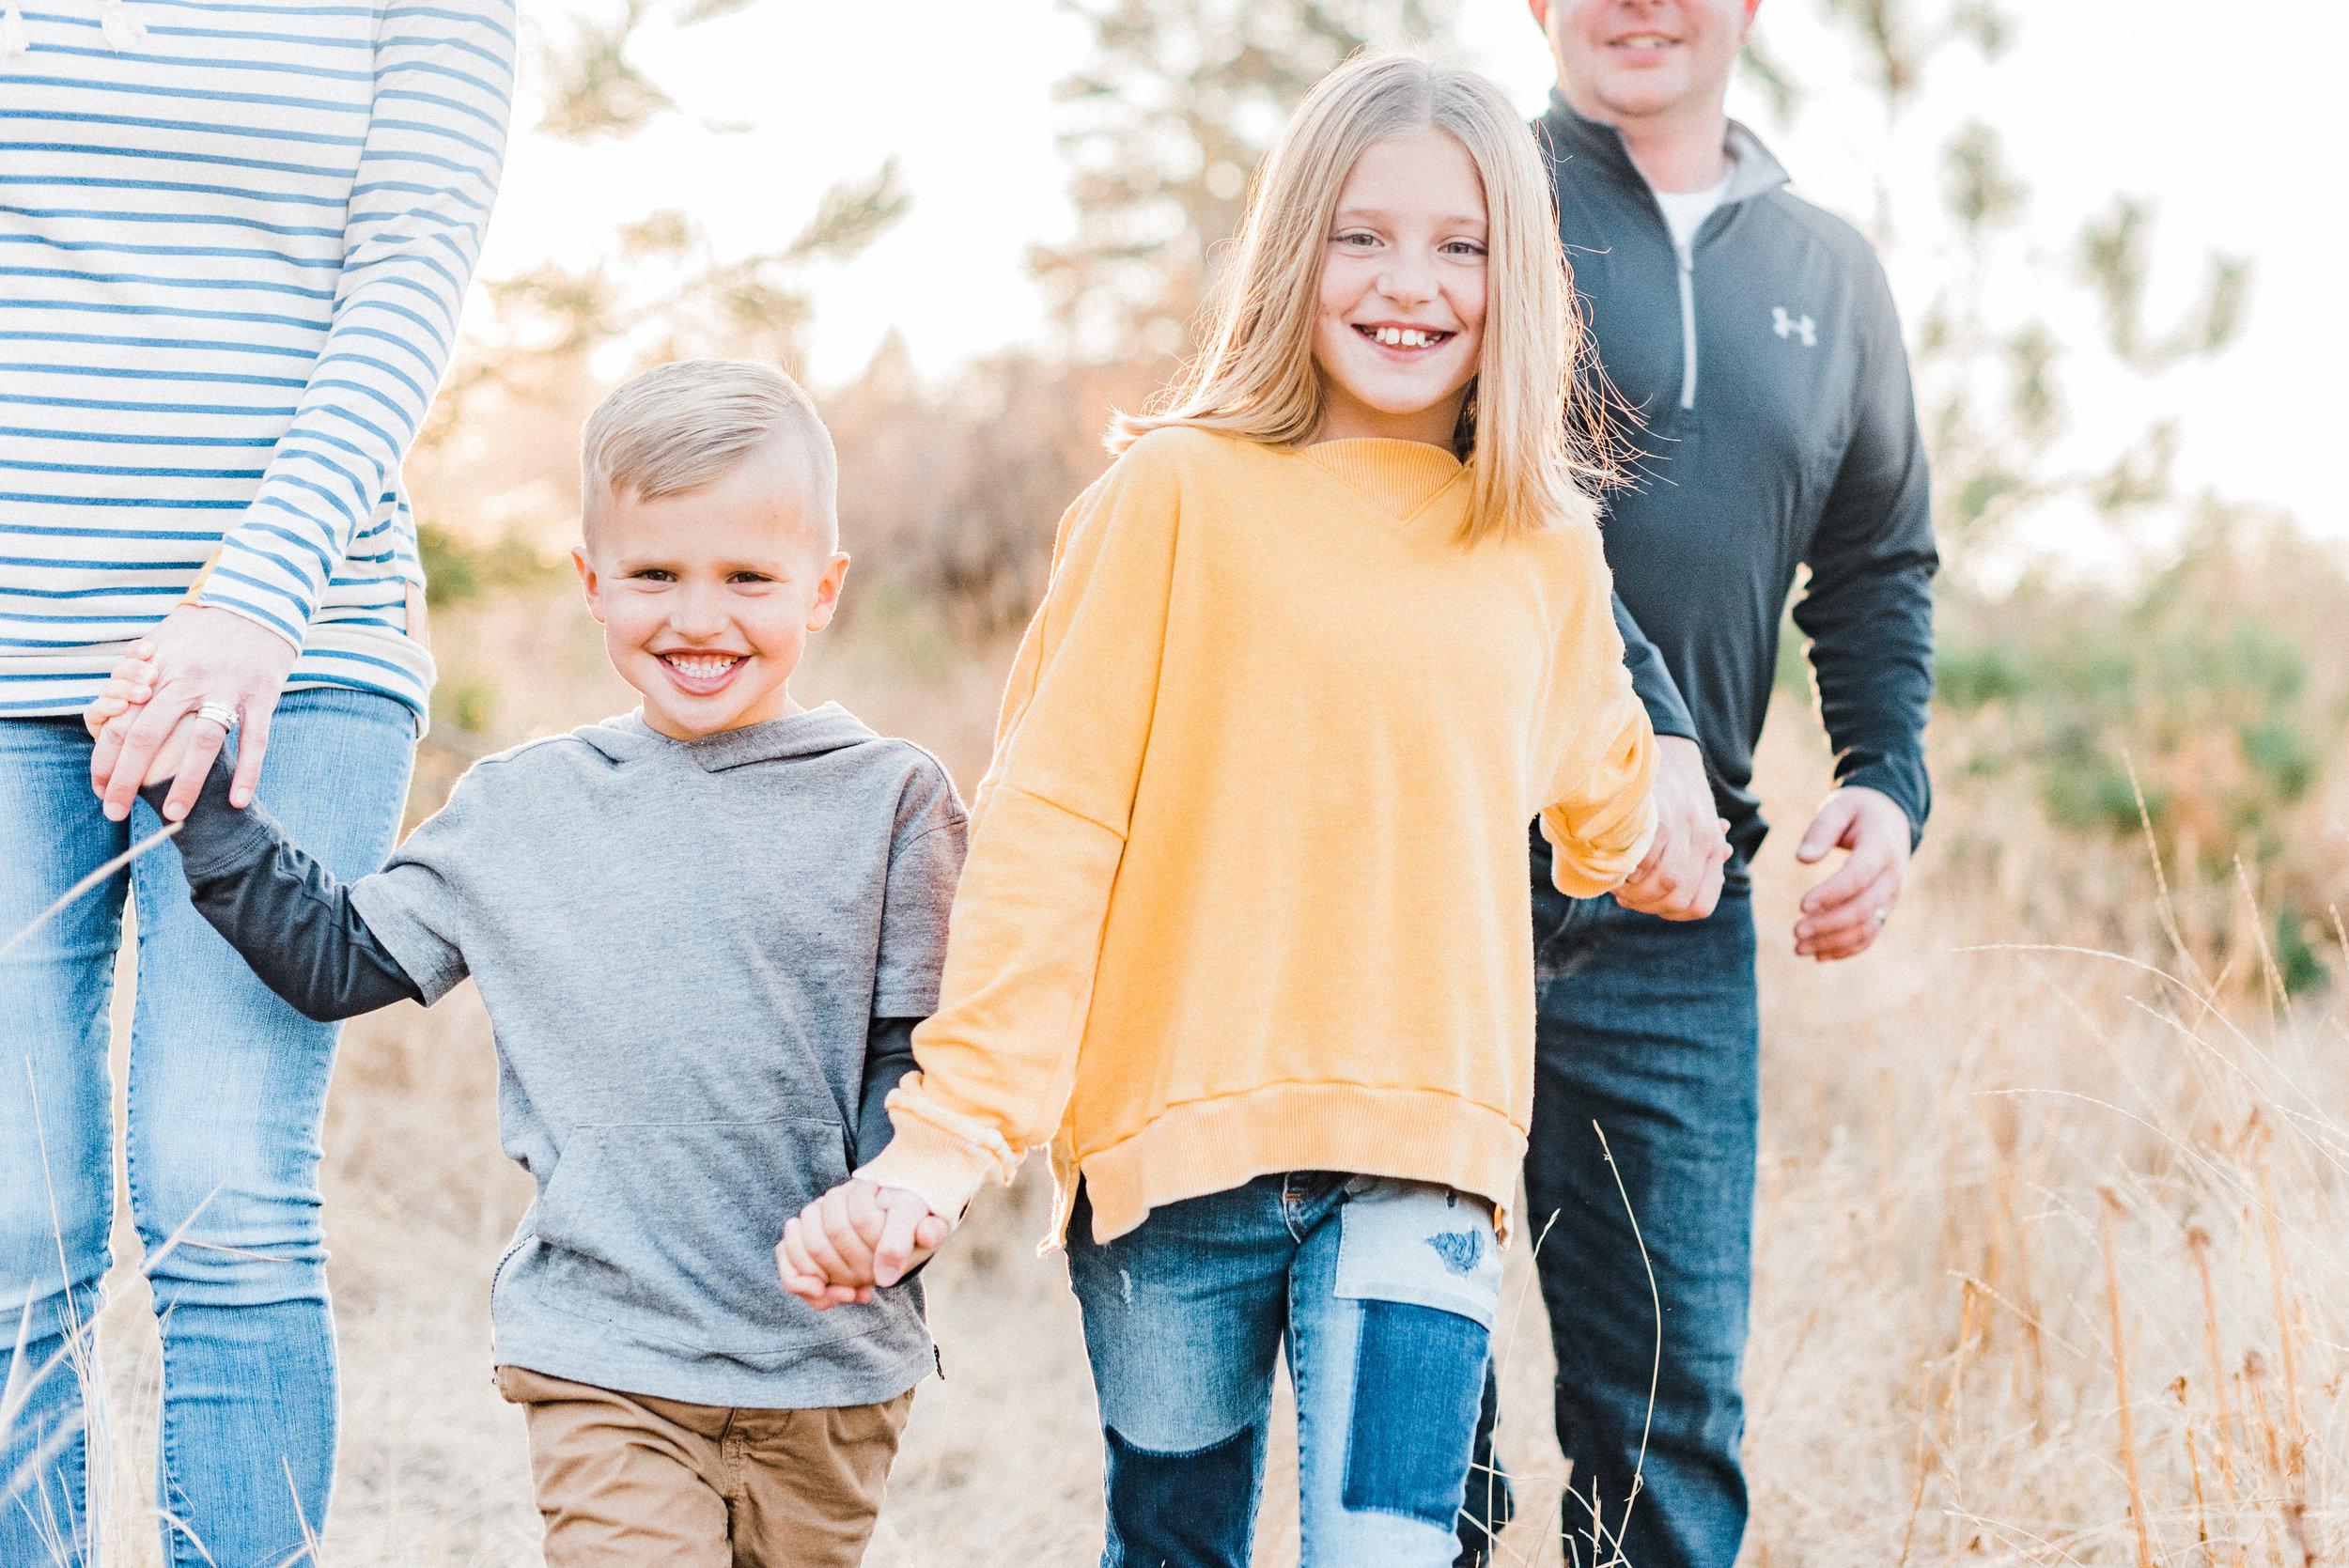 spokane-family-session-emch (16 of 26).jpg